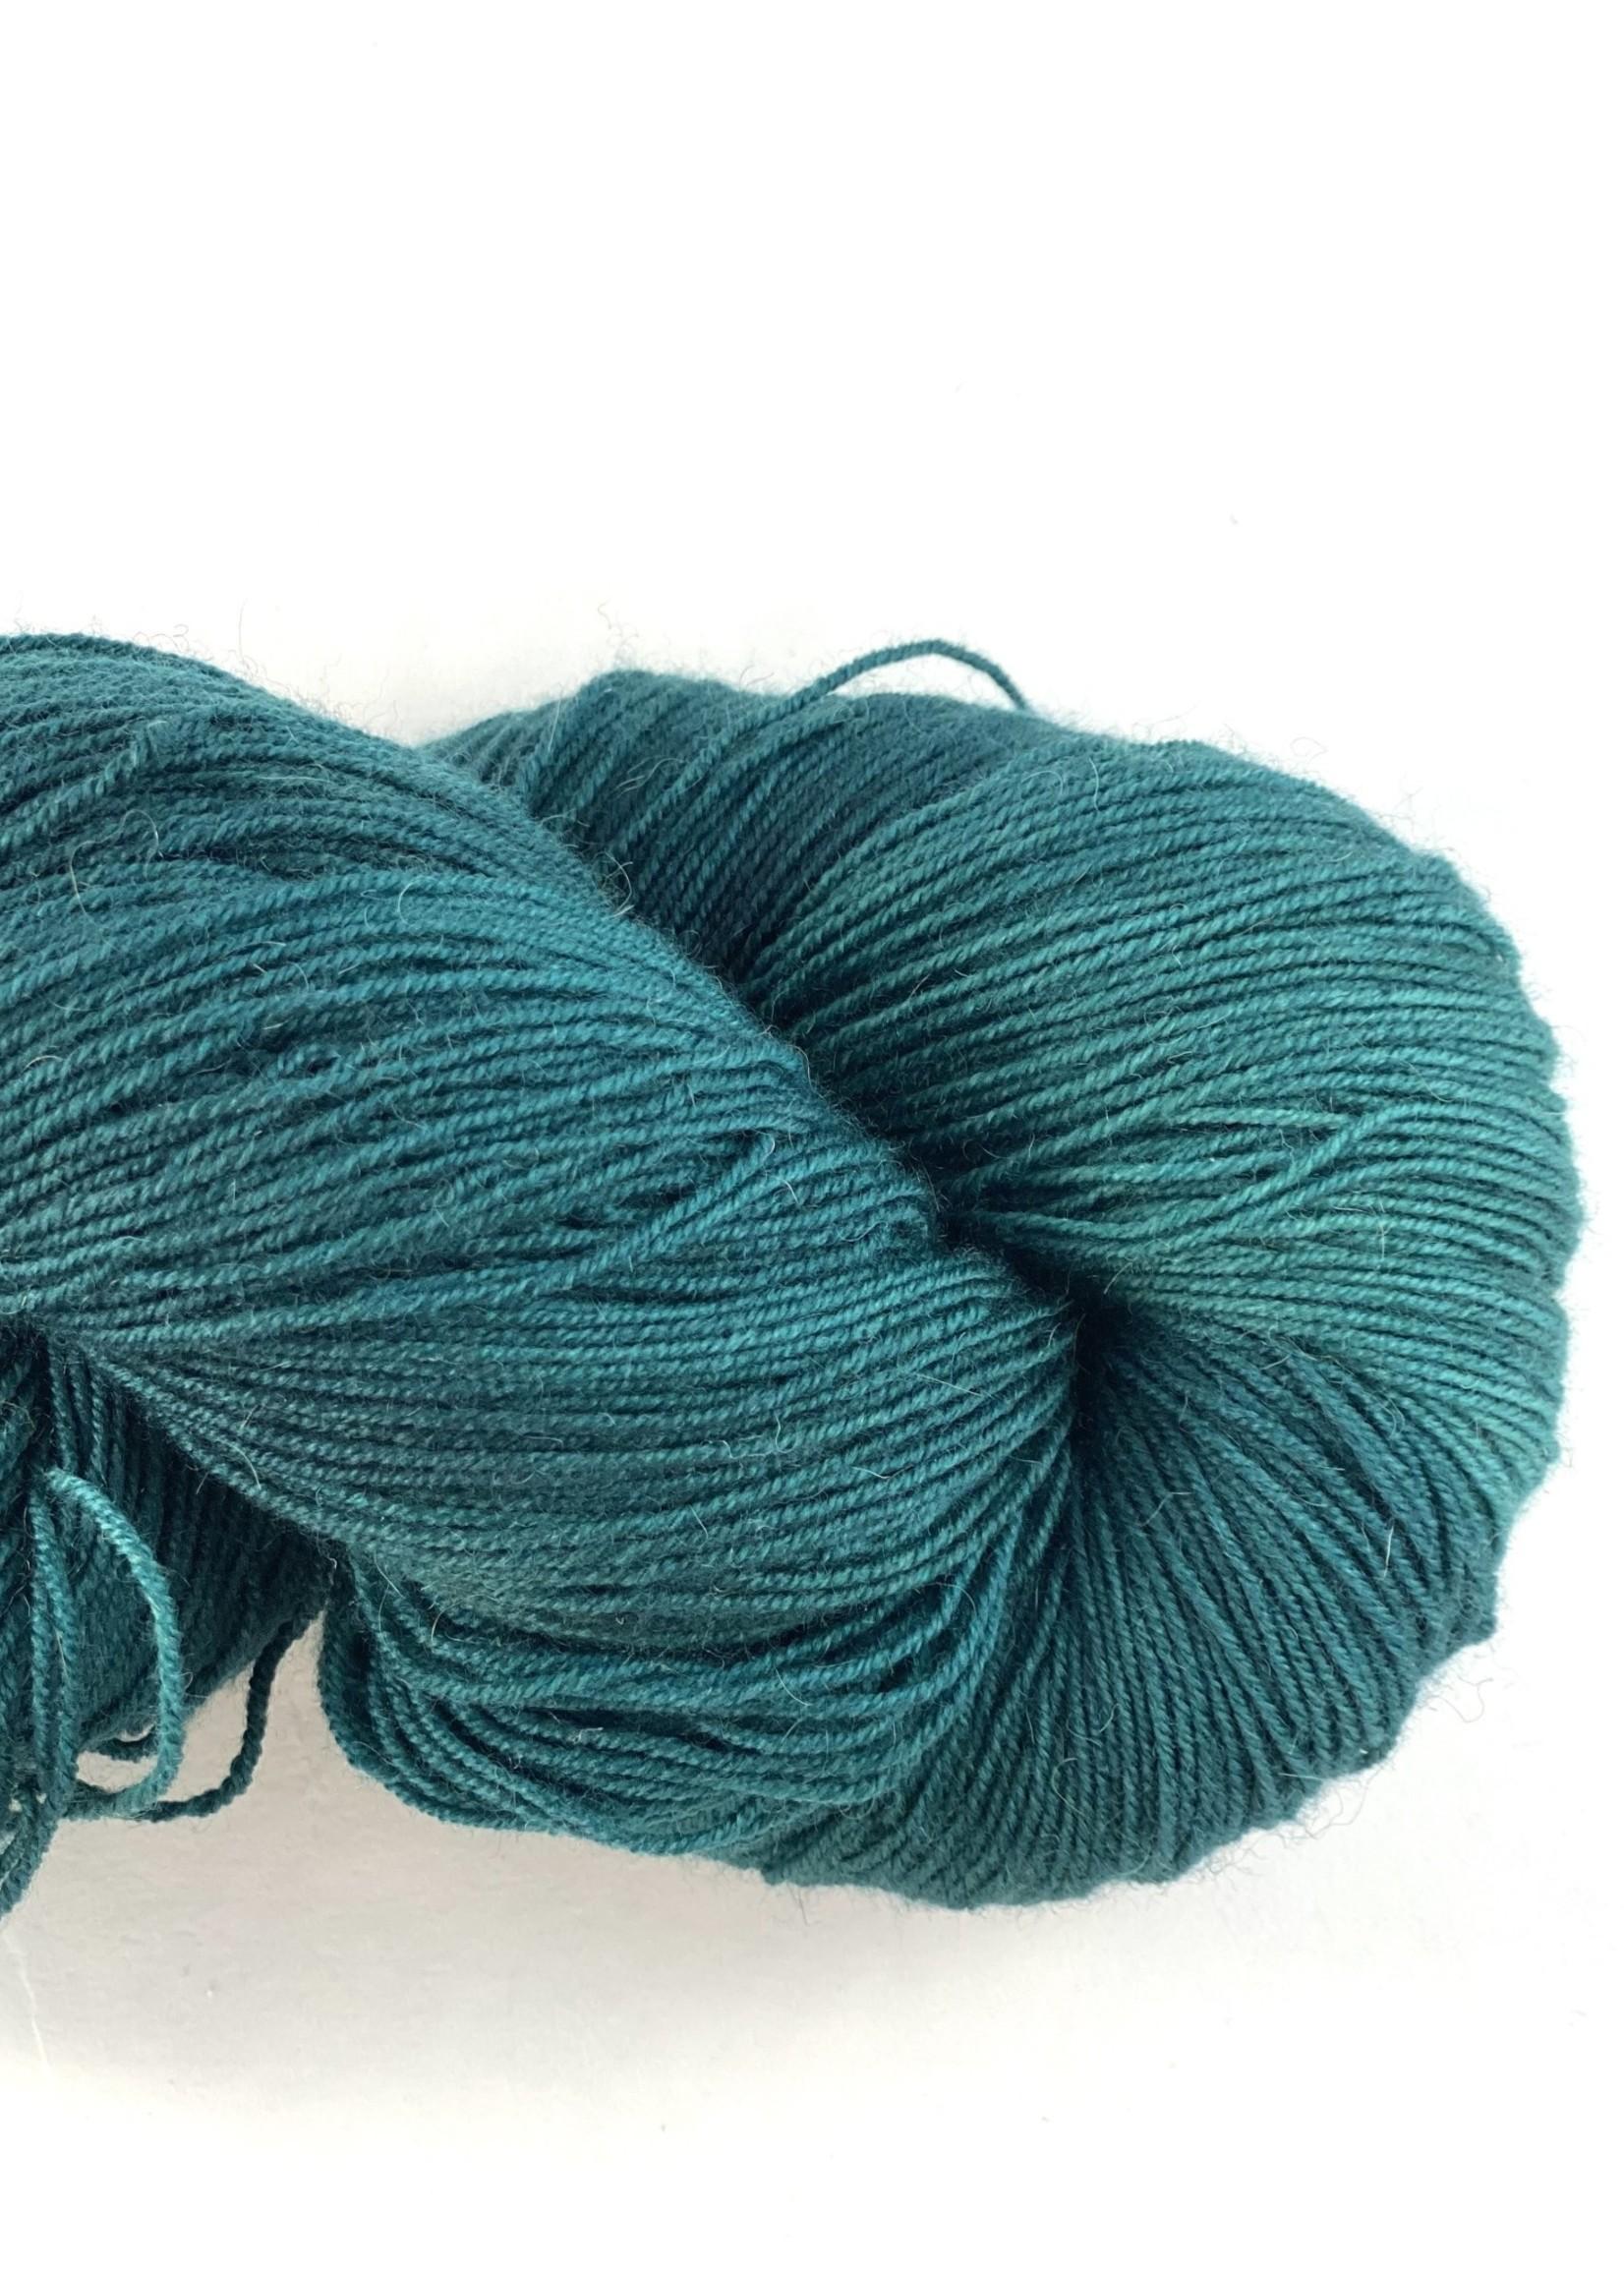 Handmaiden Fine Yarn Hand Maiden Merino Camel Lace Yarn Tourmaline